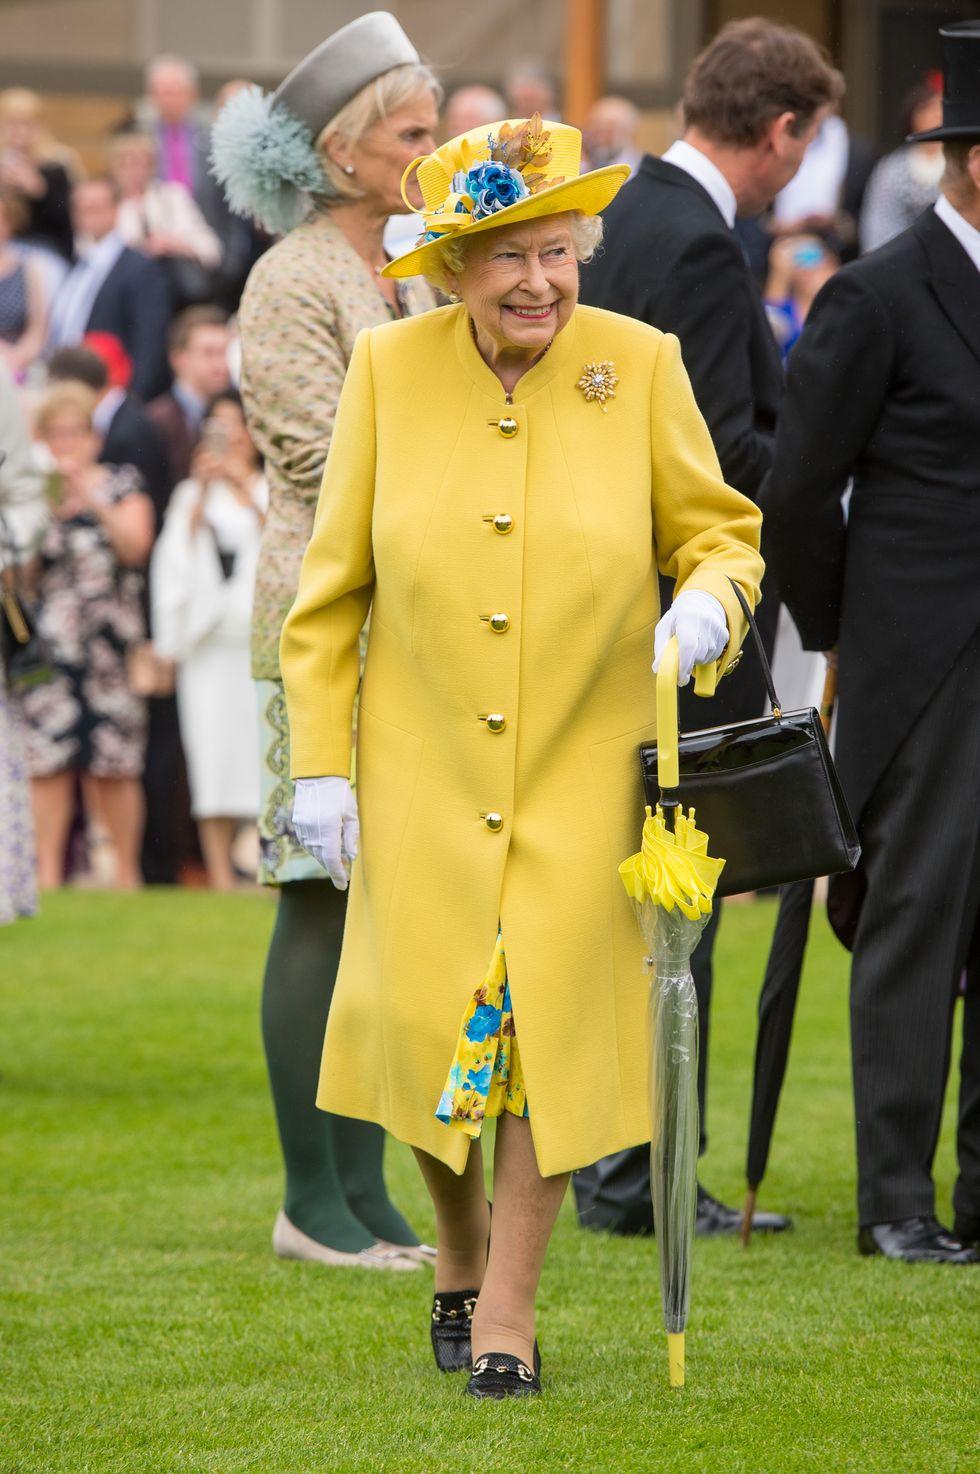 Bí mật váy áo của Nữ hoàng Anh suốt 100 năm vừa mới được tiết lộ: Không phải các nguyên tắc mà ở chi tiết nhỏ xíu 1 bên vai-2